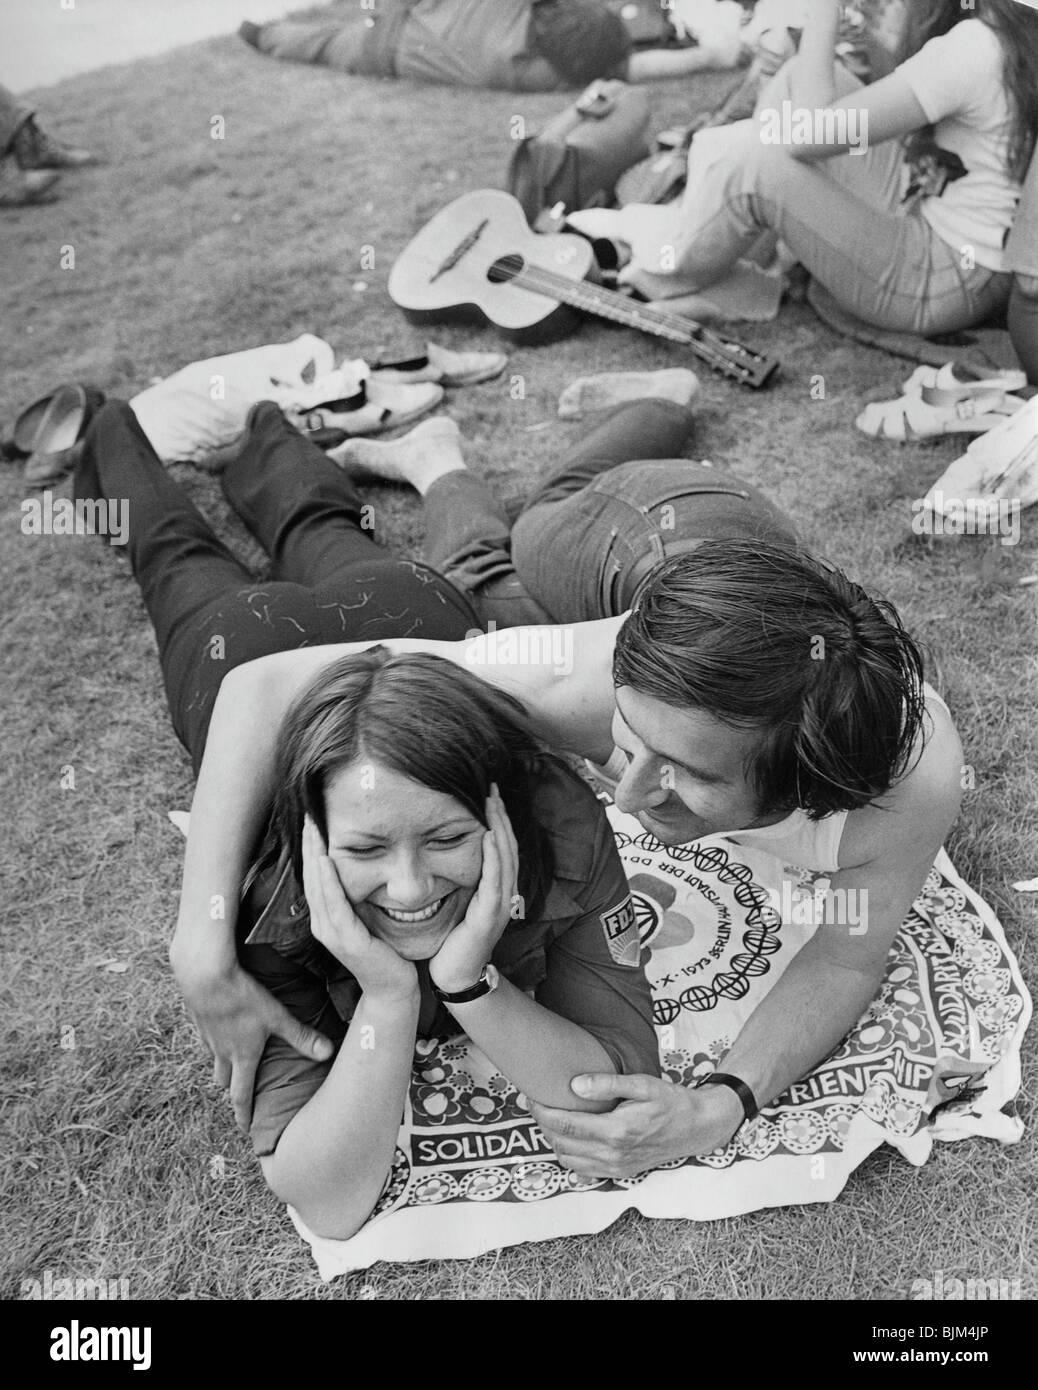 Junge Menschen bei den Weltfestspielen in Berlin, DDR, Europa, 1973 Stockfoto